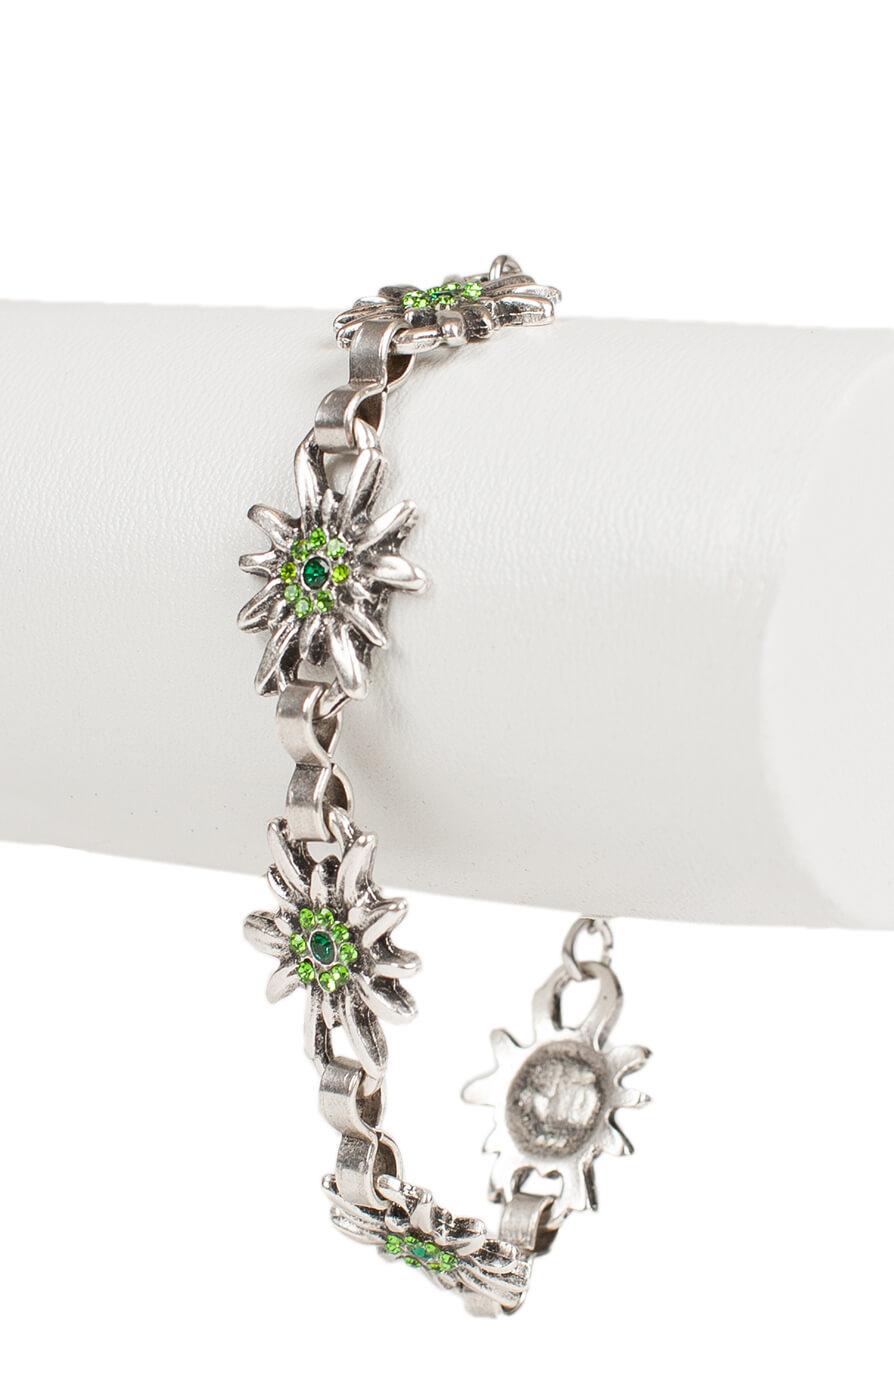 Bracelet AB9197-5 with edelweiss, green von Schuhmacher